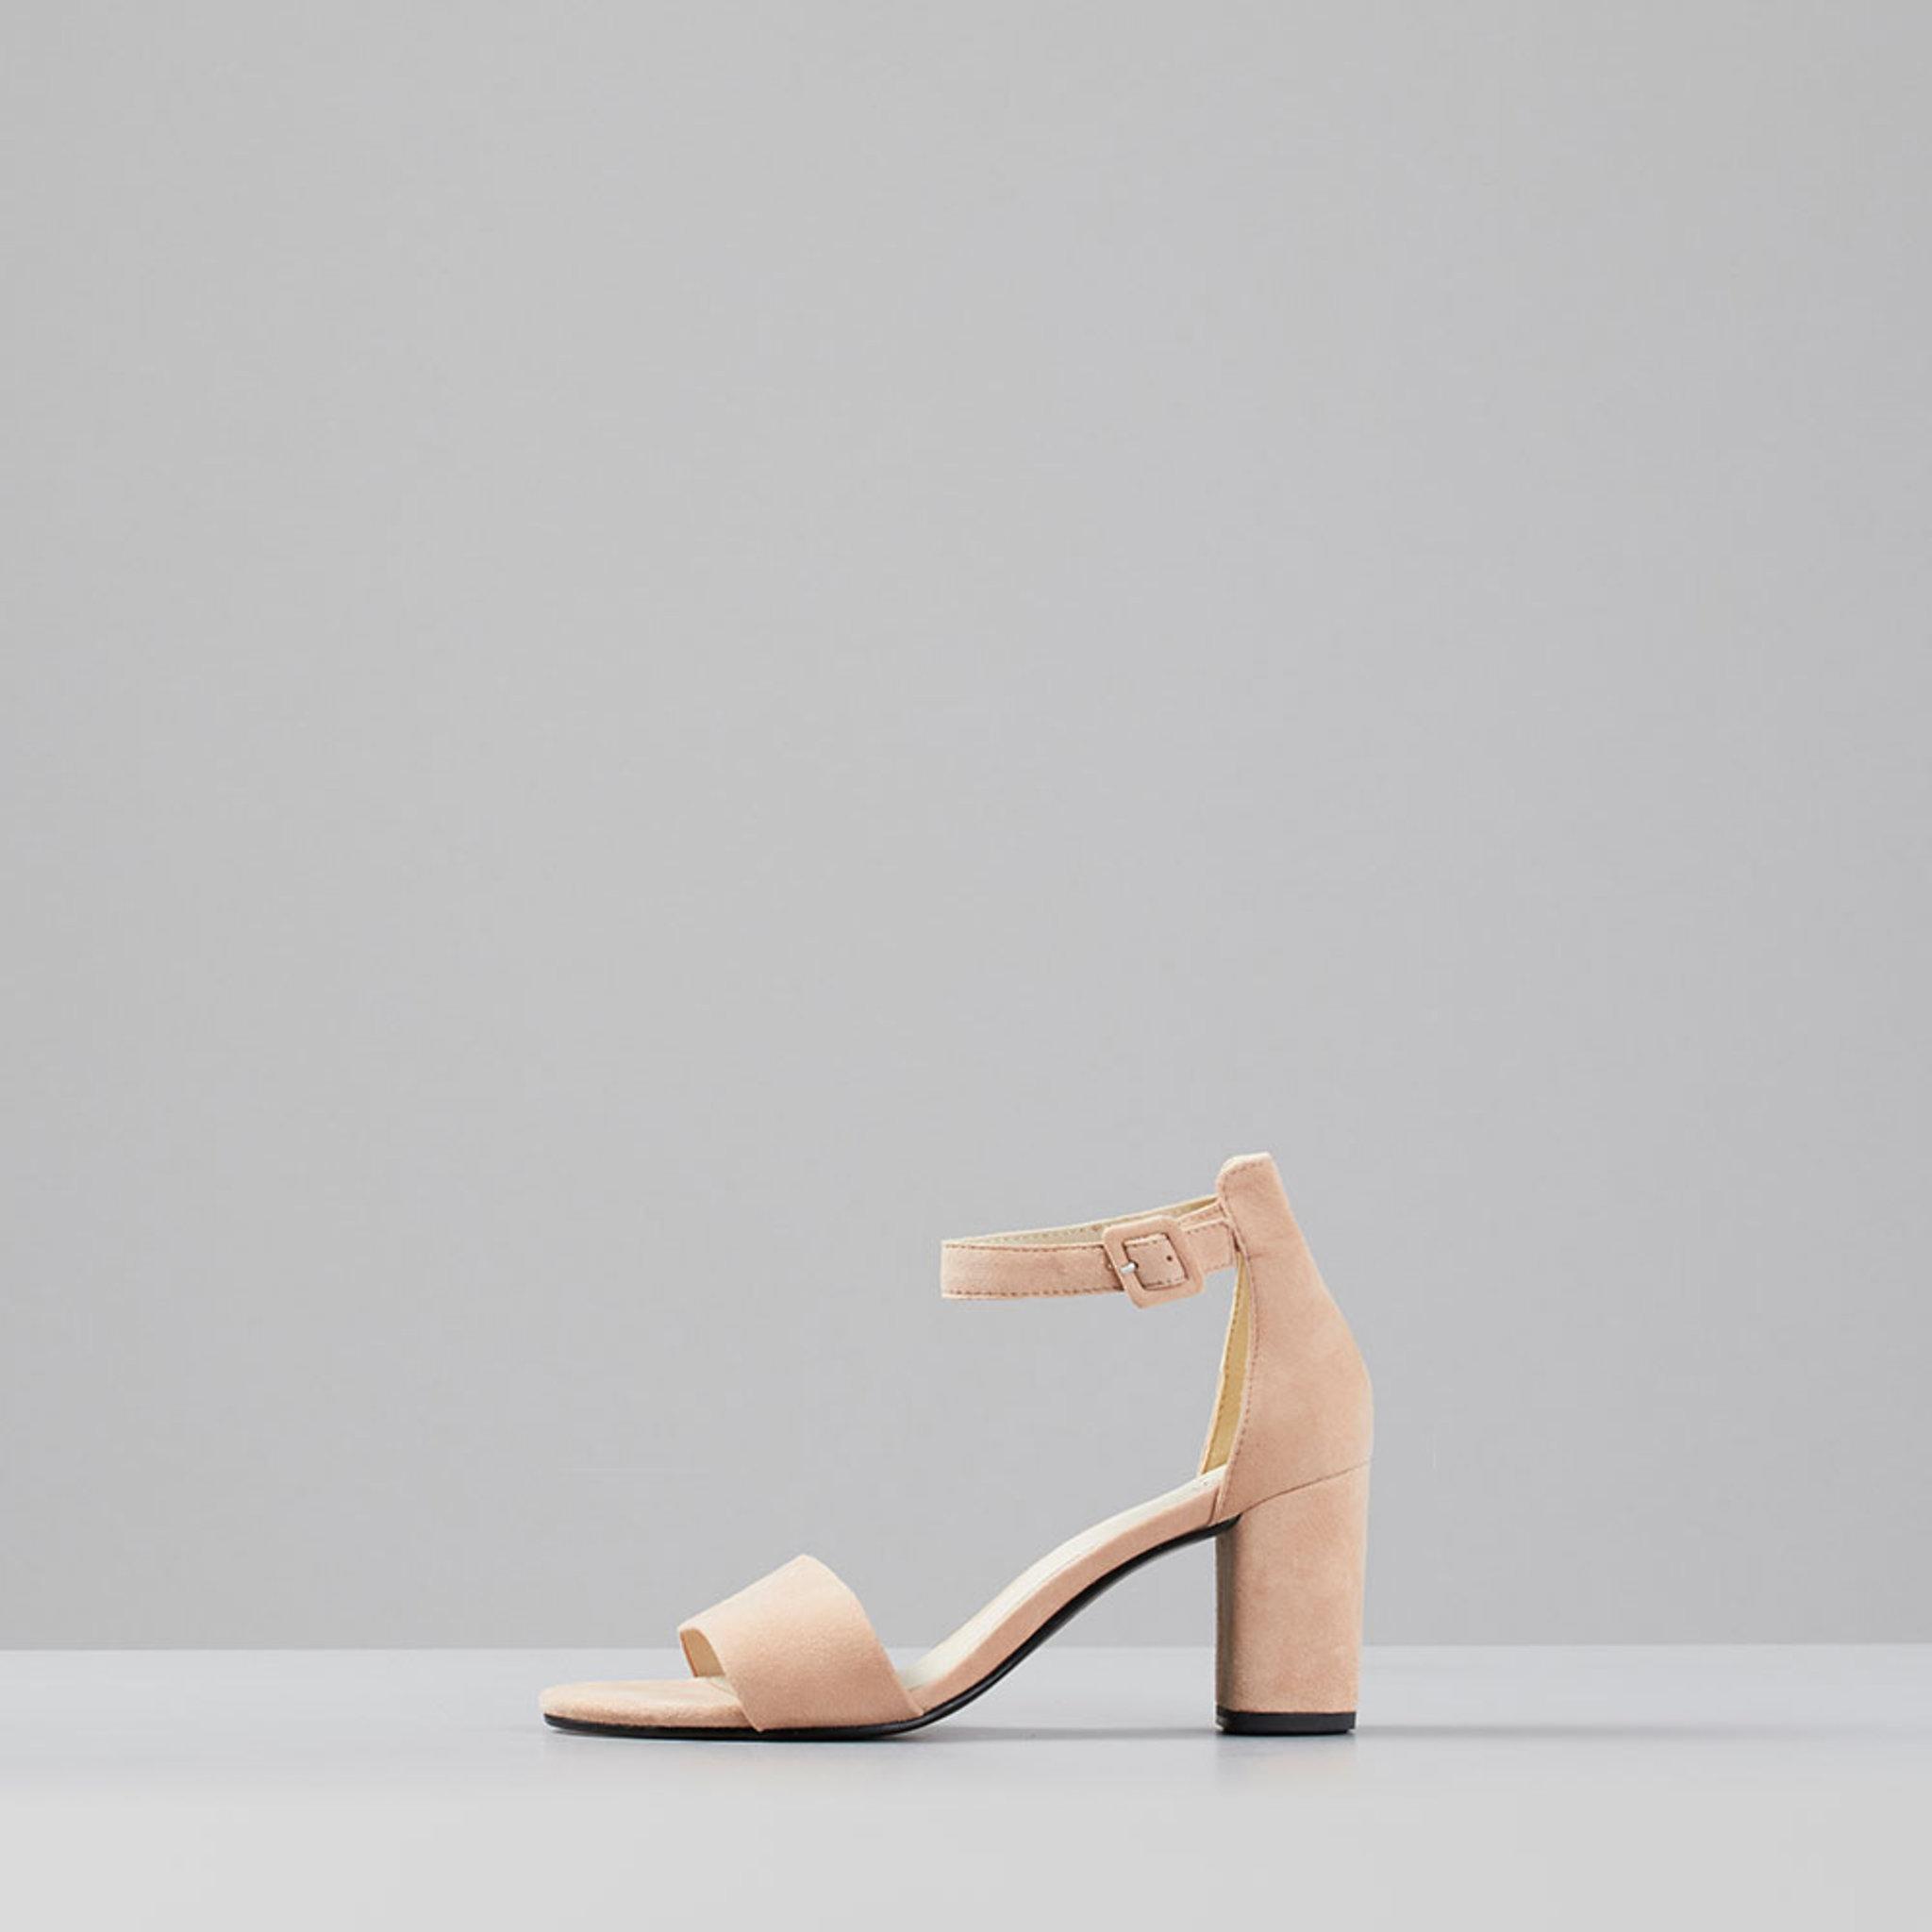 e547e3b3d00 Penny högklackad sandal - Sandaler - Köp online på åhlens.se!